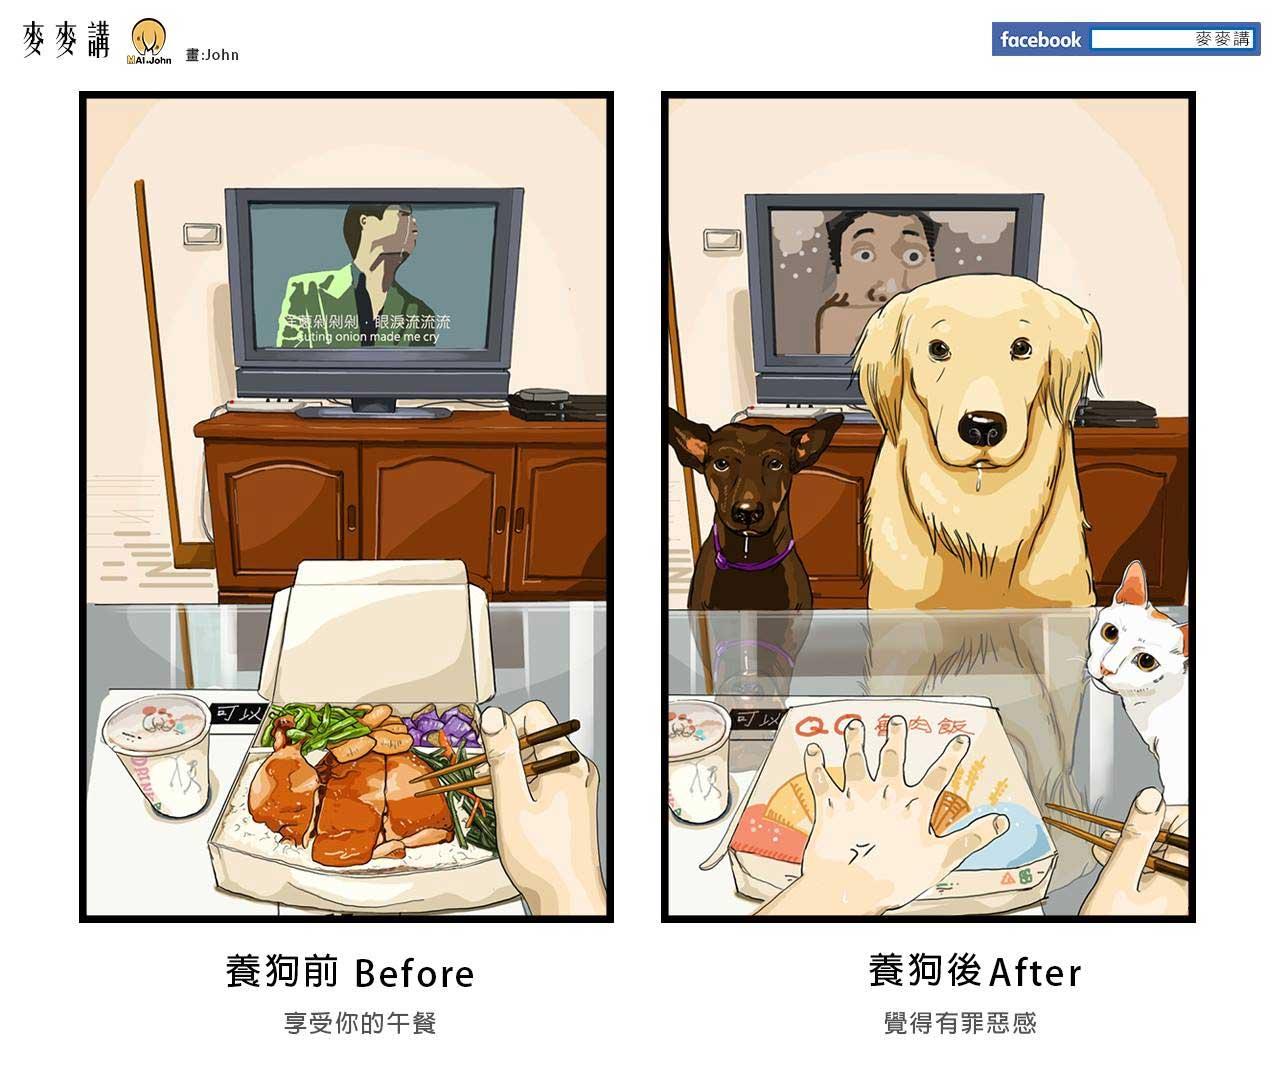 Das Leben vor und nach dem Anschaffen von Haustieren maijohn-life-with-pets_02